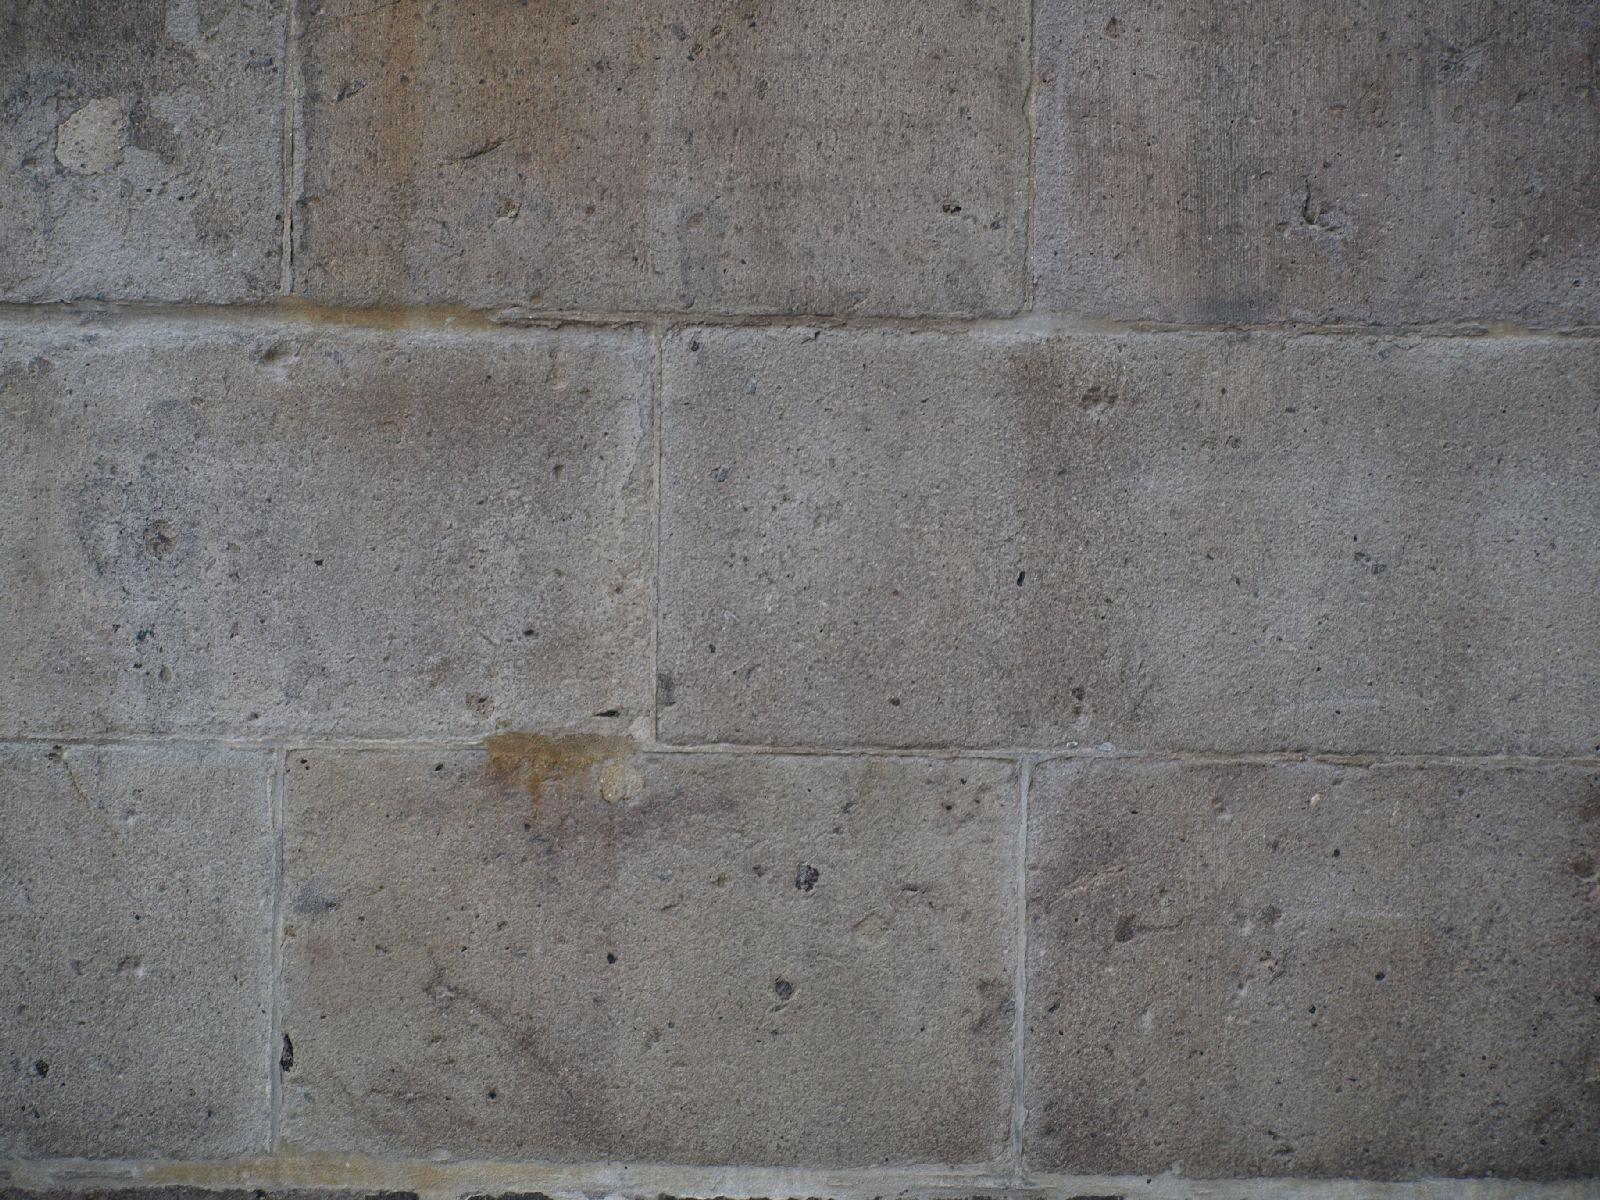 Wand-Steinbloecke-Quader_Textur_A_BT1159